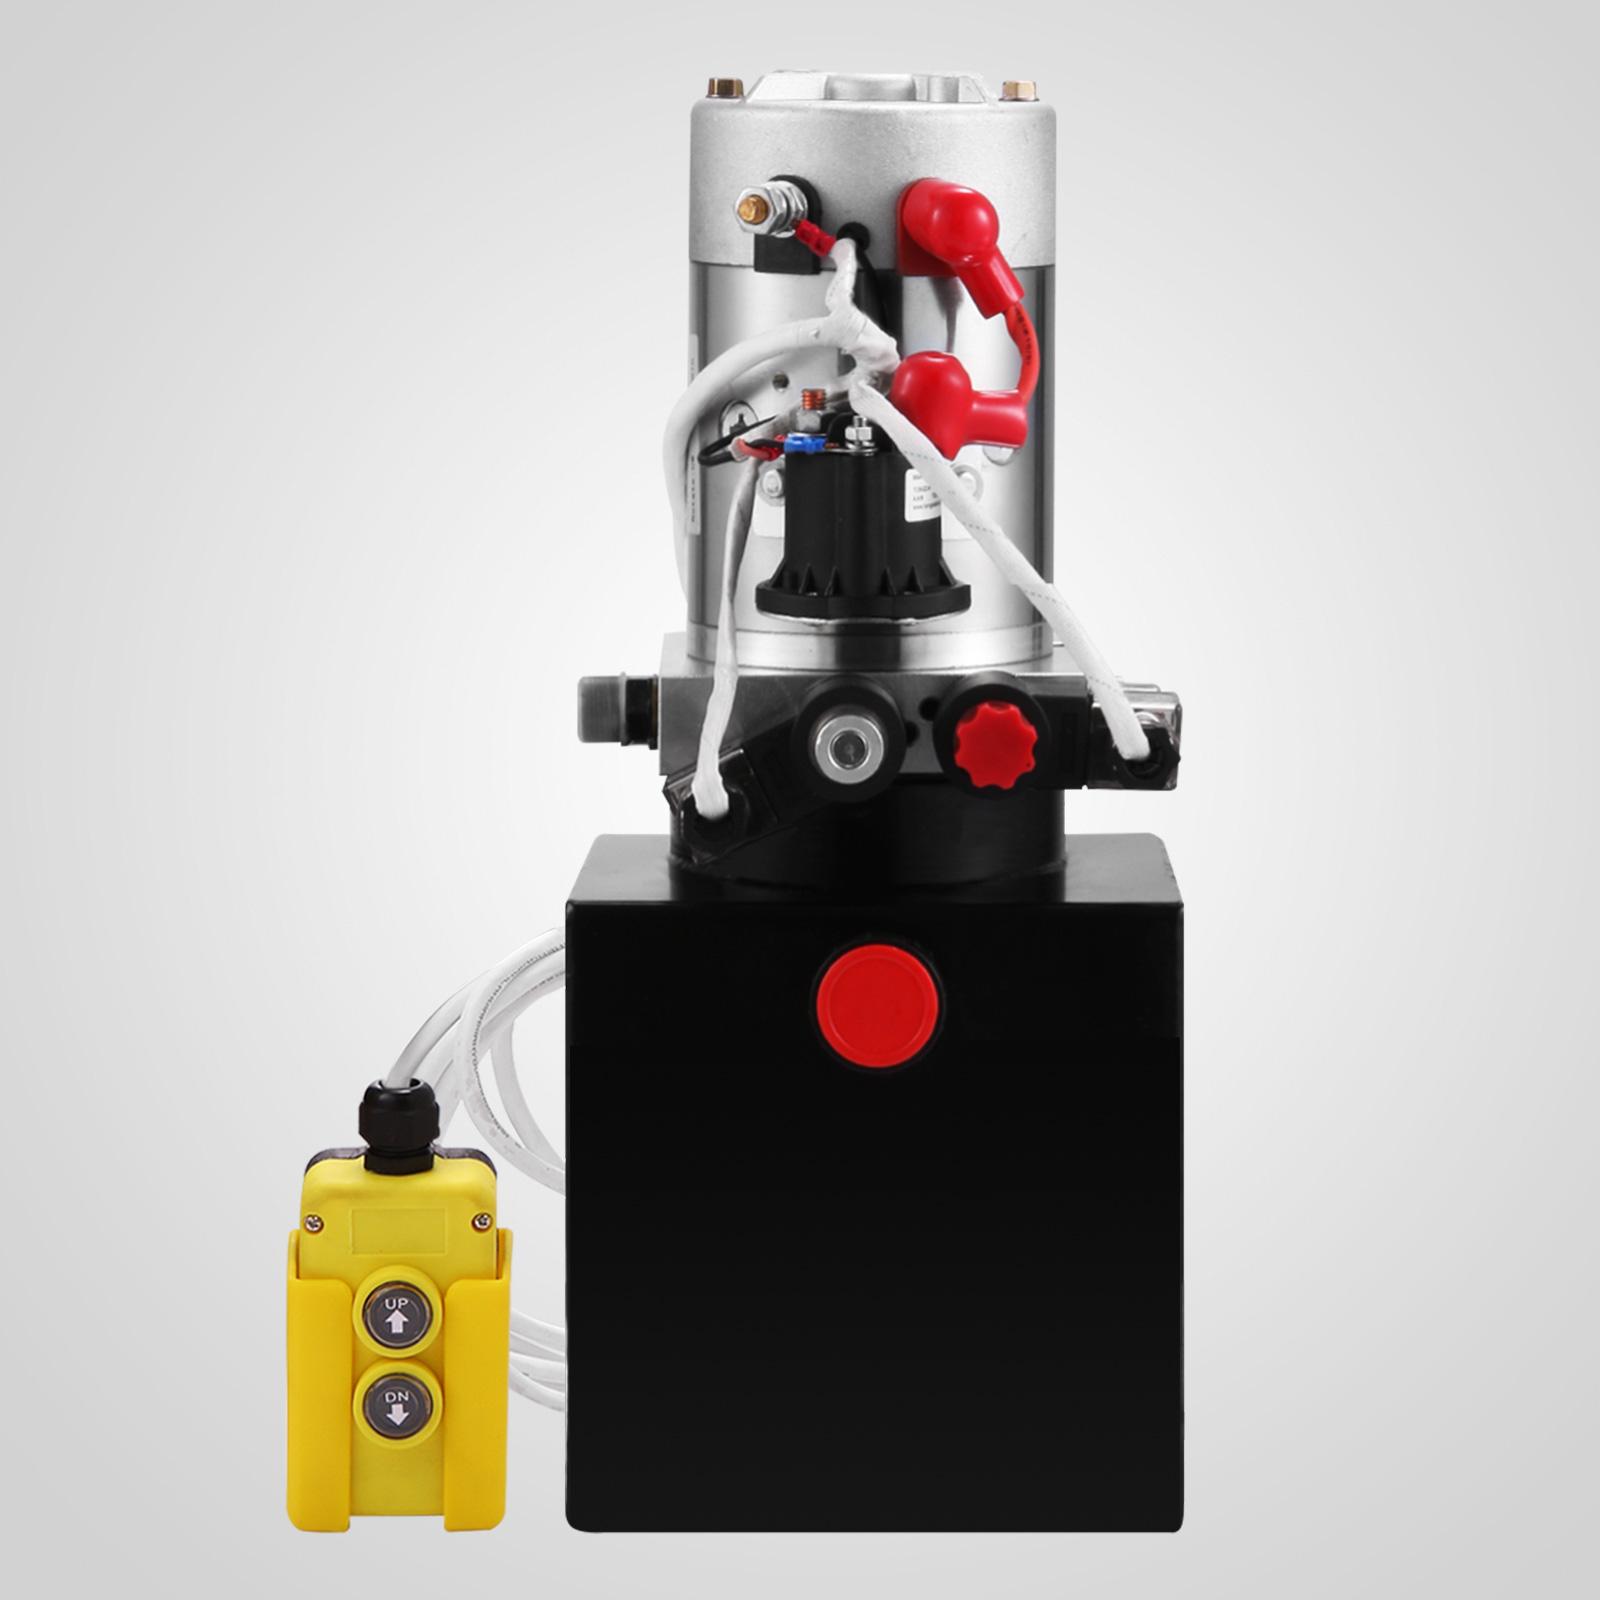 Hydraulic Pump Wiring Diagram On Dc Hydraulic Power Units Wiring